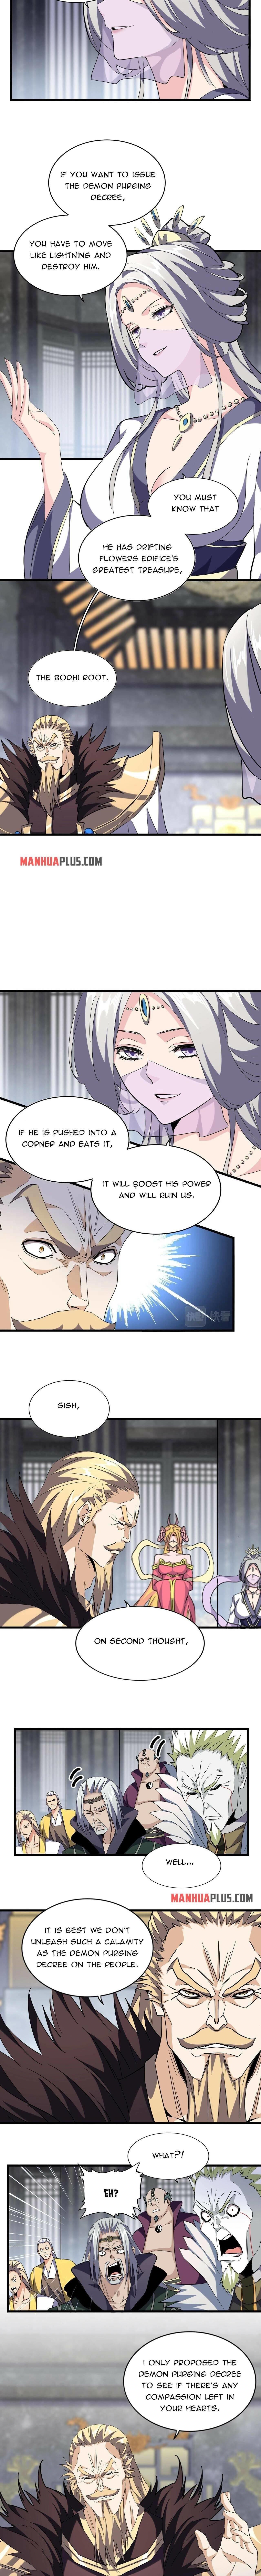 Magic Emperor Chapter 220 page 2 - Mangakakalot